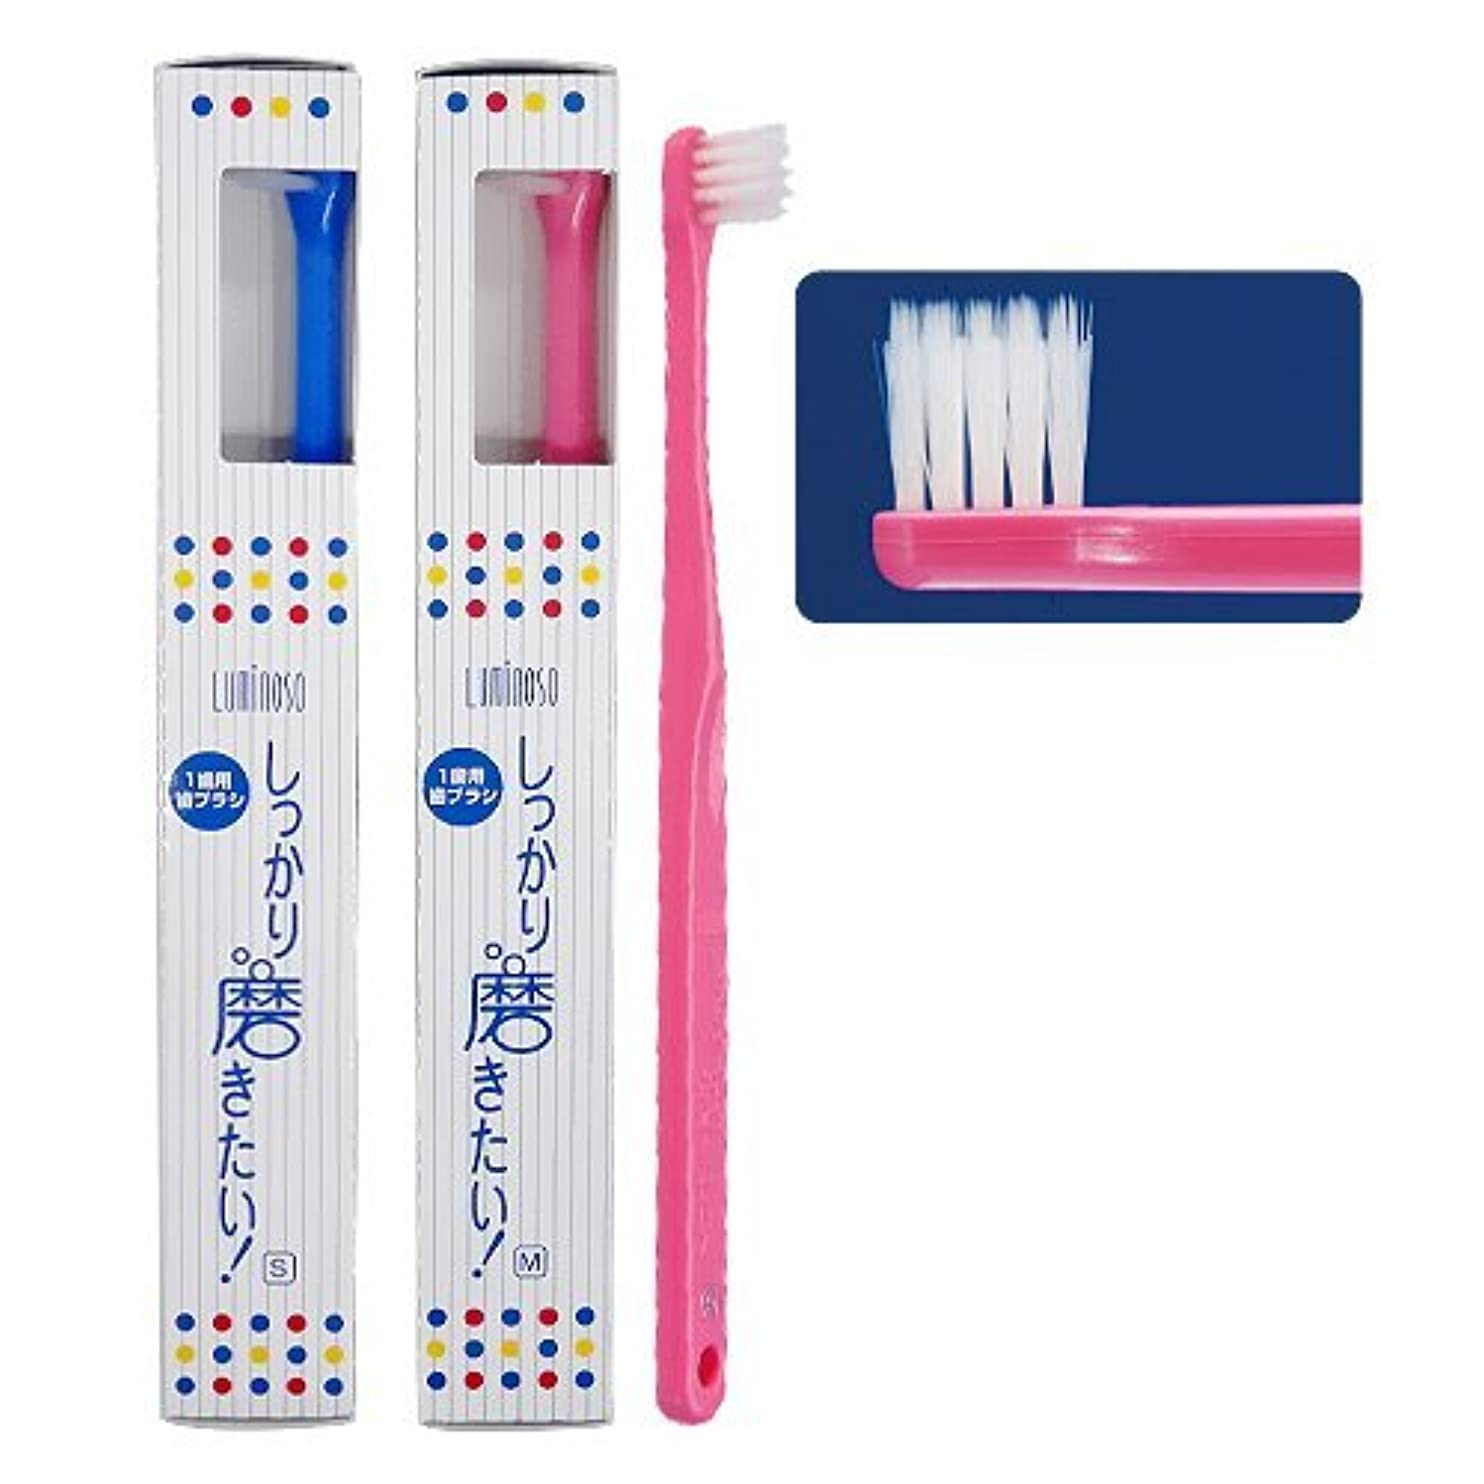 交換可能苦悩生態学ルミノソ 1歯用歯ブラシ「しっかり磨きたい!」スタンダード ソフト (カラー指定不可) 5本